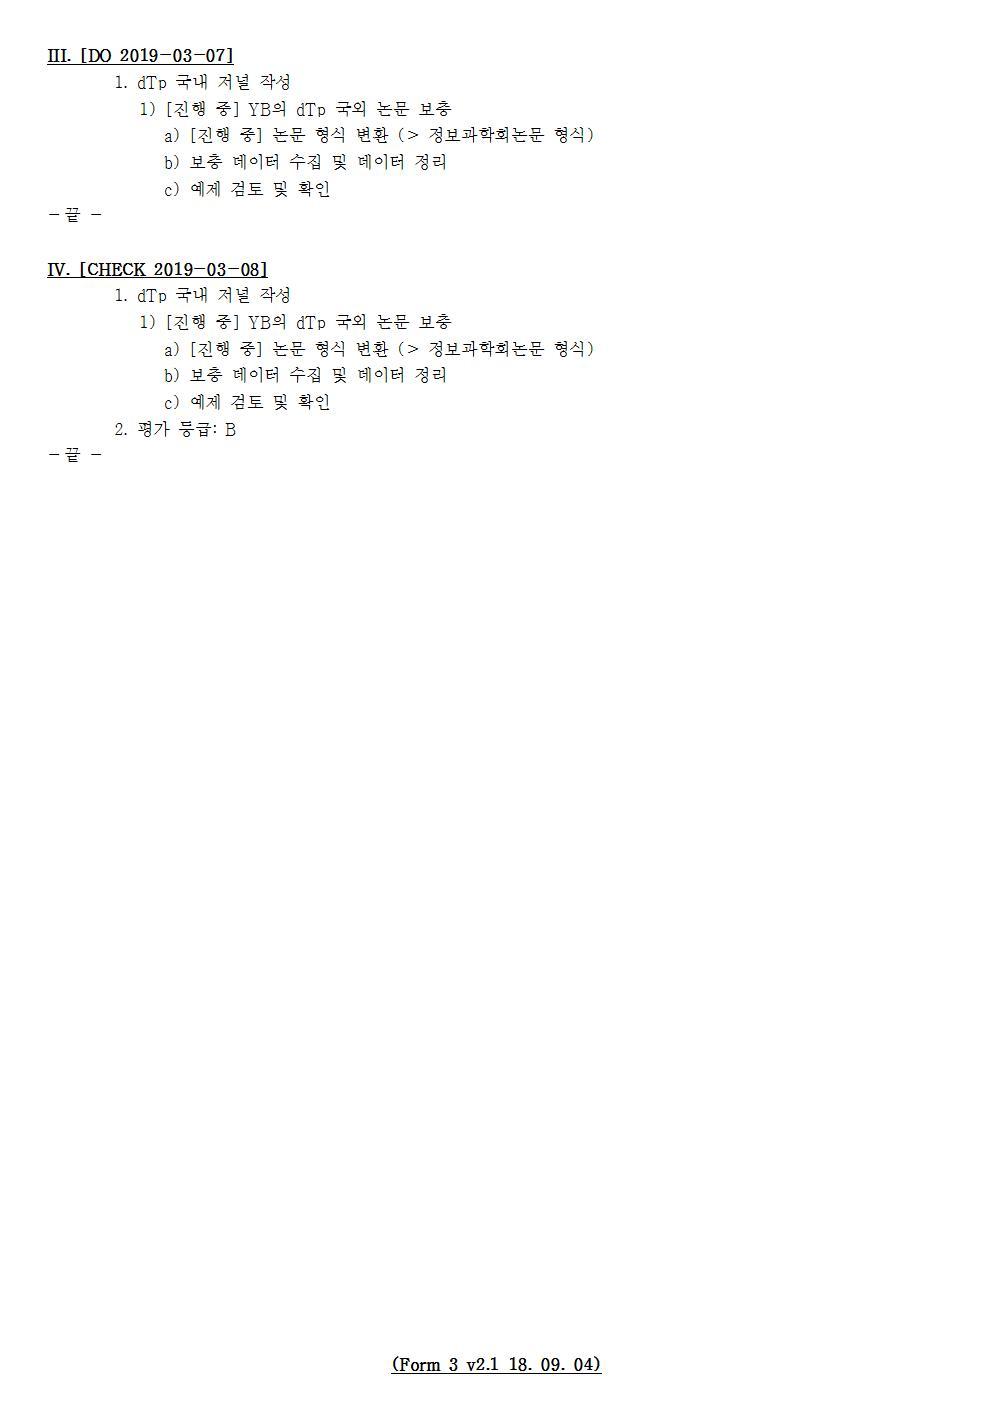 D-[19-012-PP-04]-[dTp-국내]-[2019-03-08][JS]002.jpg